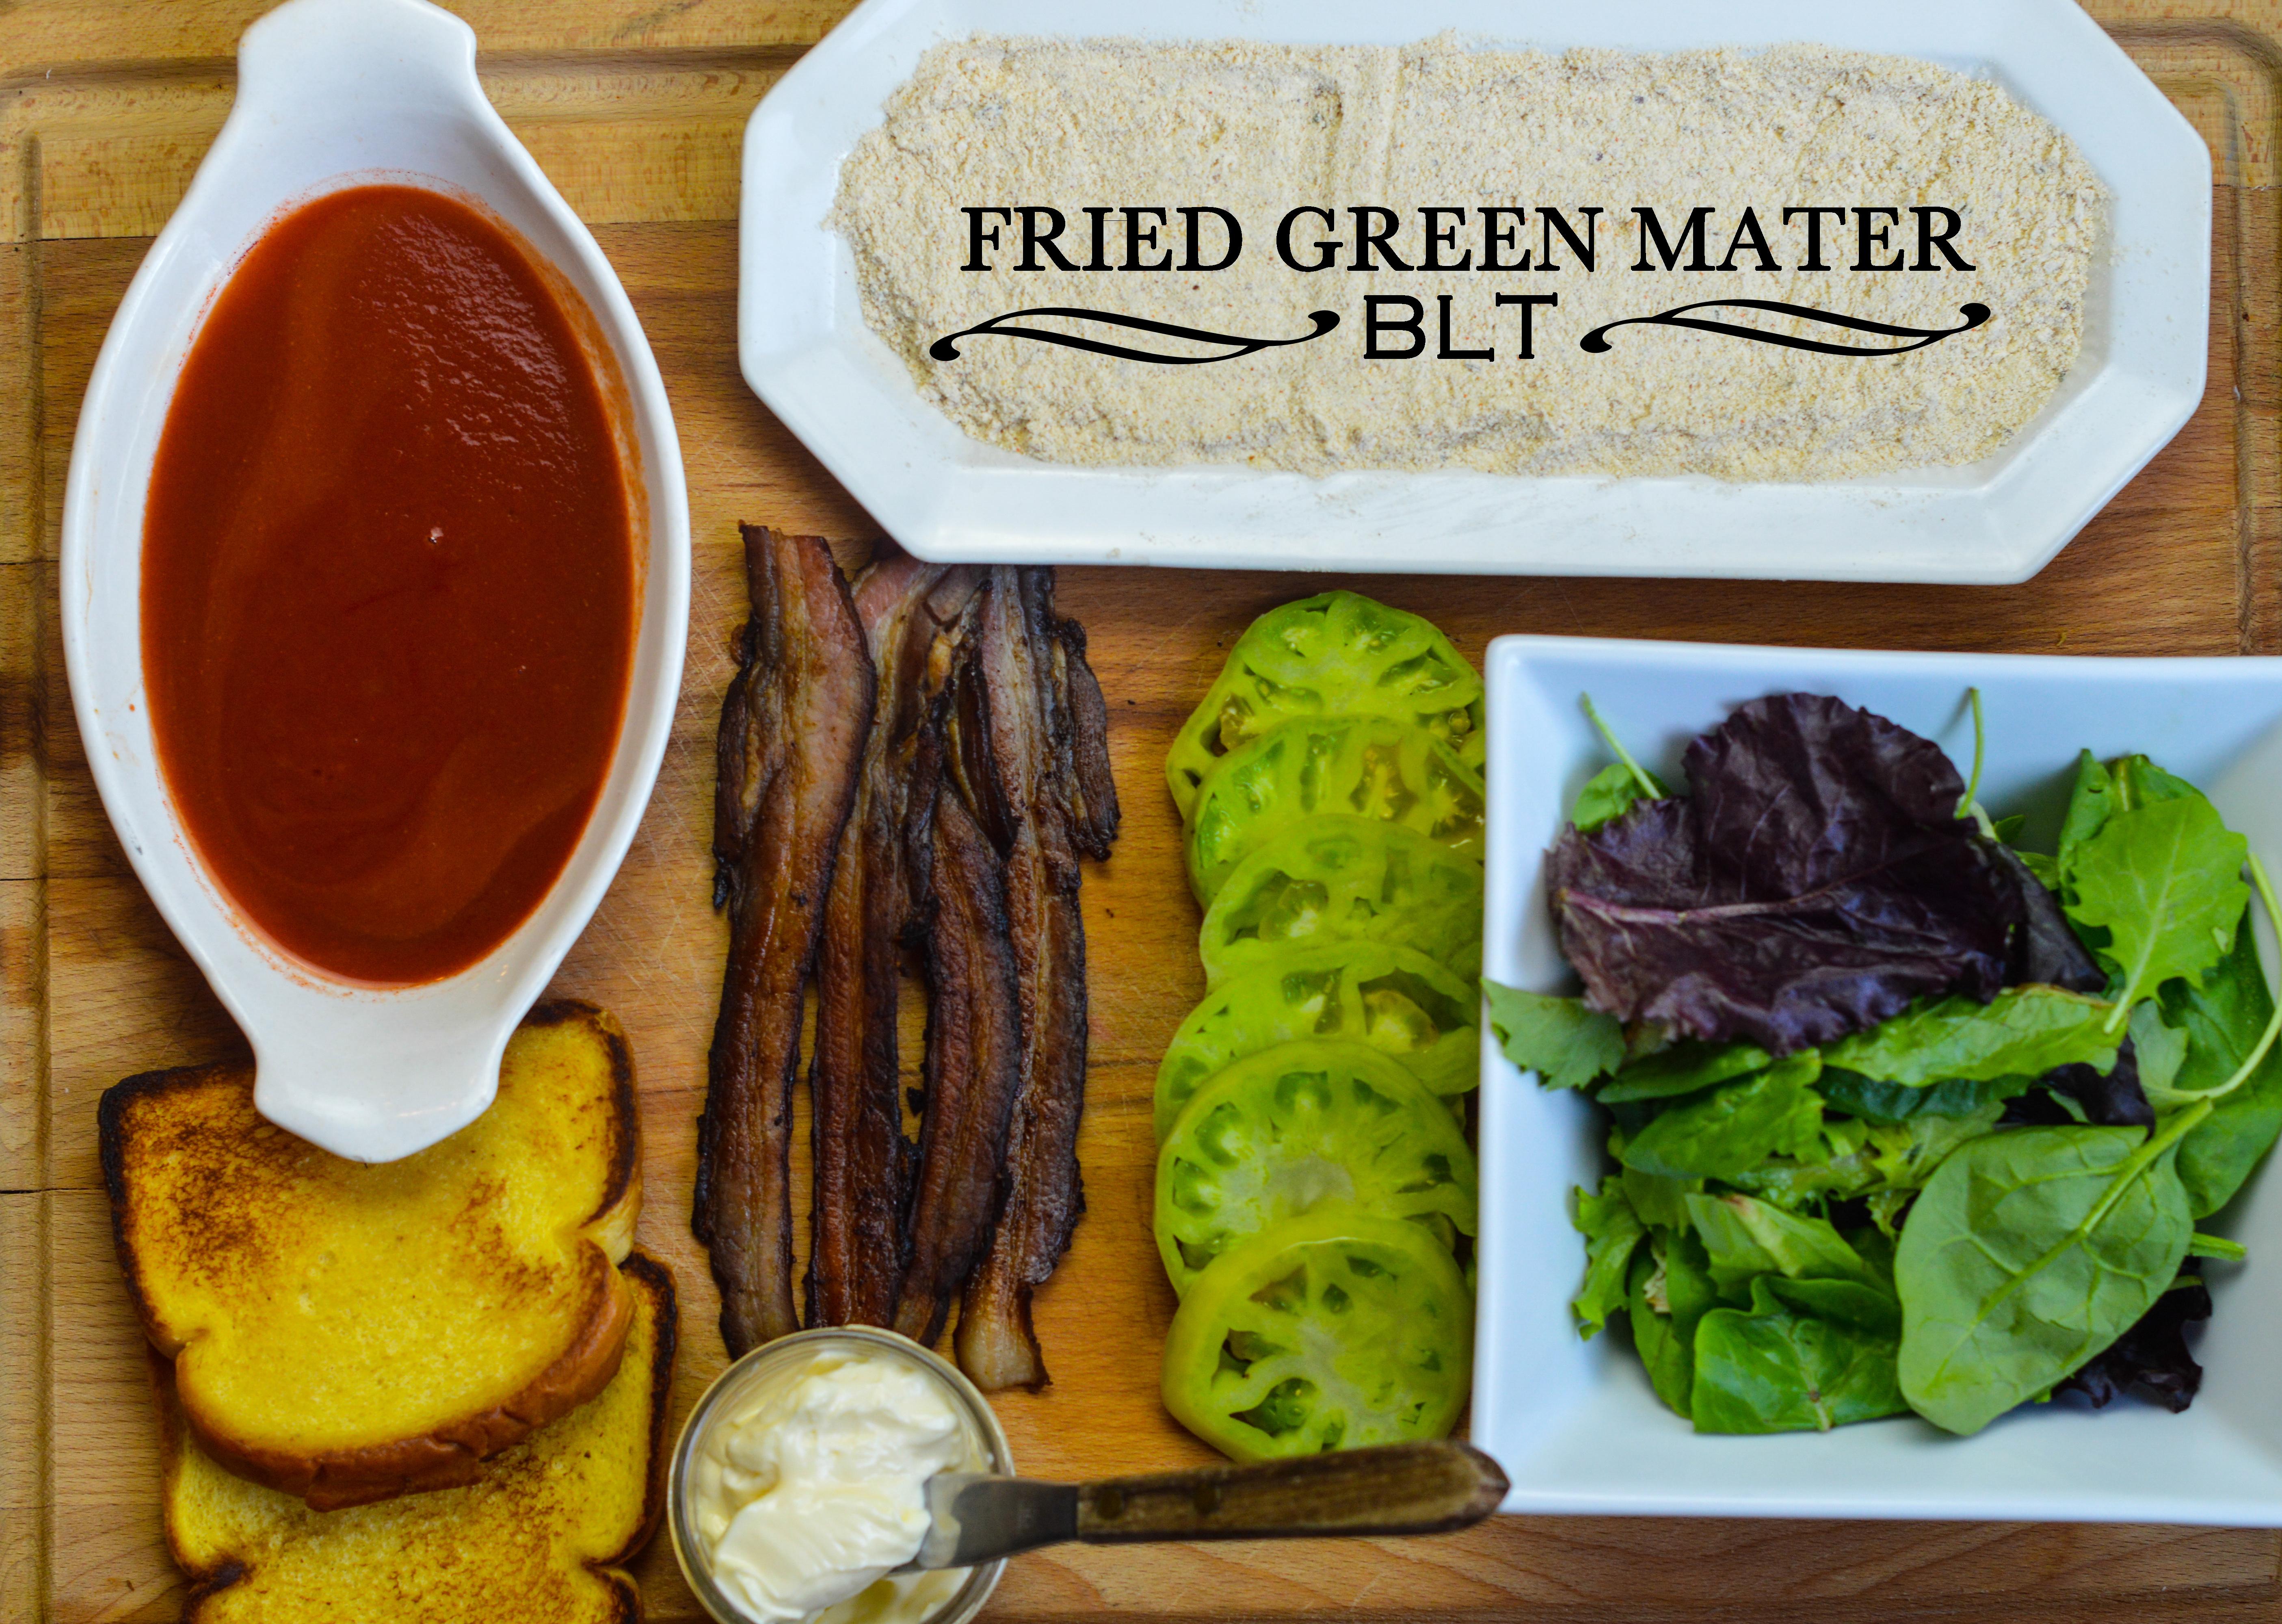 Fried Green Mater BLT